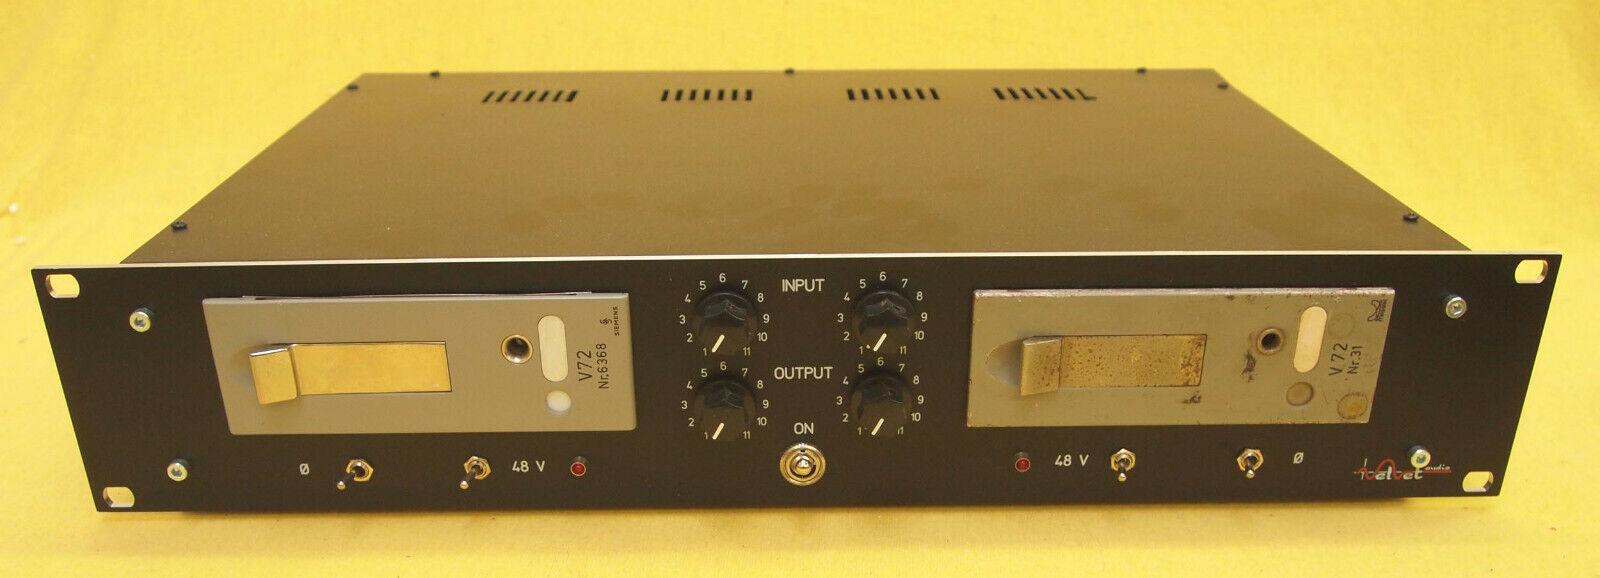 Siemens Telefunken V72 Dual Micpre Rack   ramped 48V adjustable PAD f. In & Out